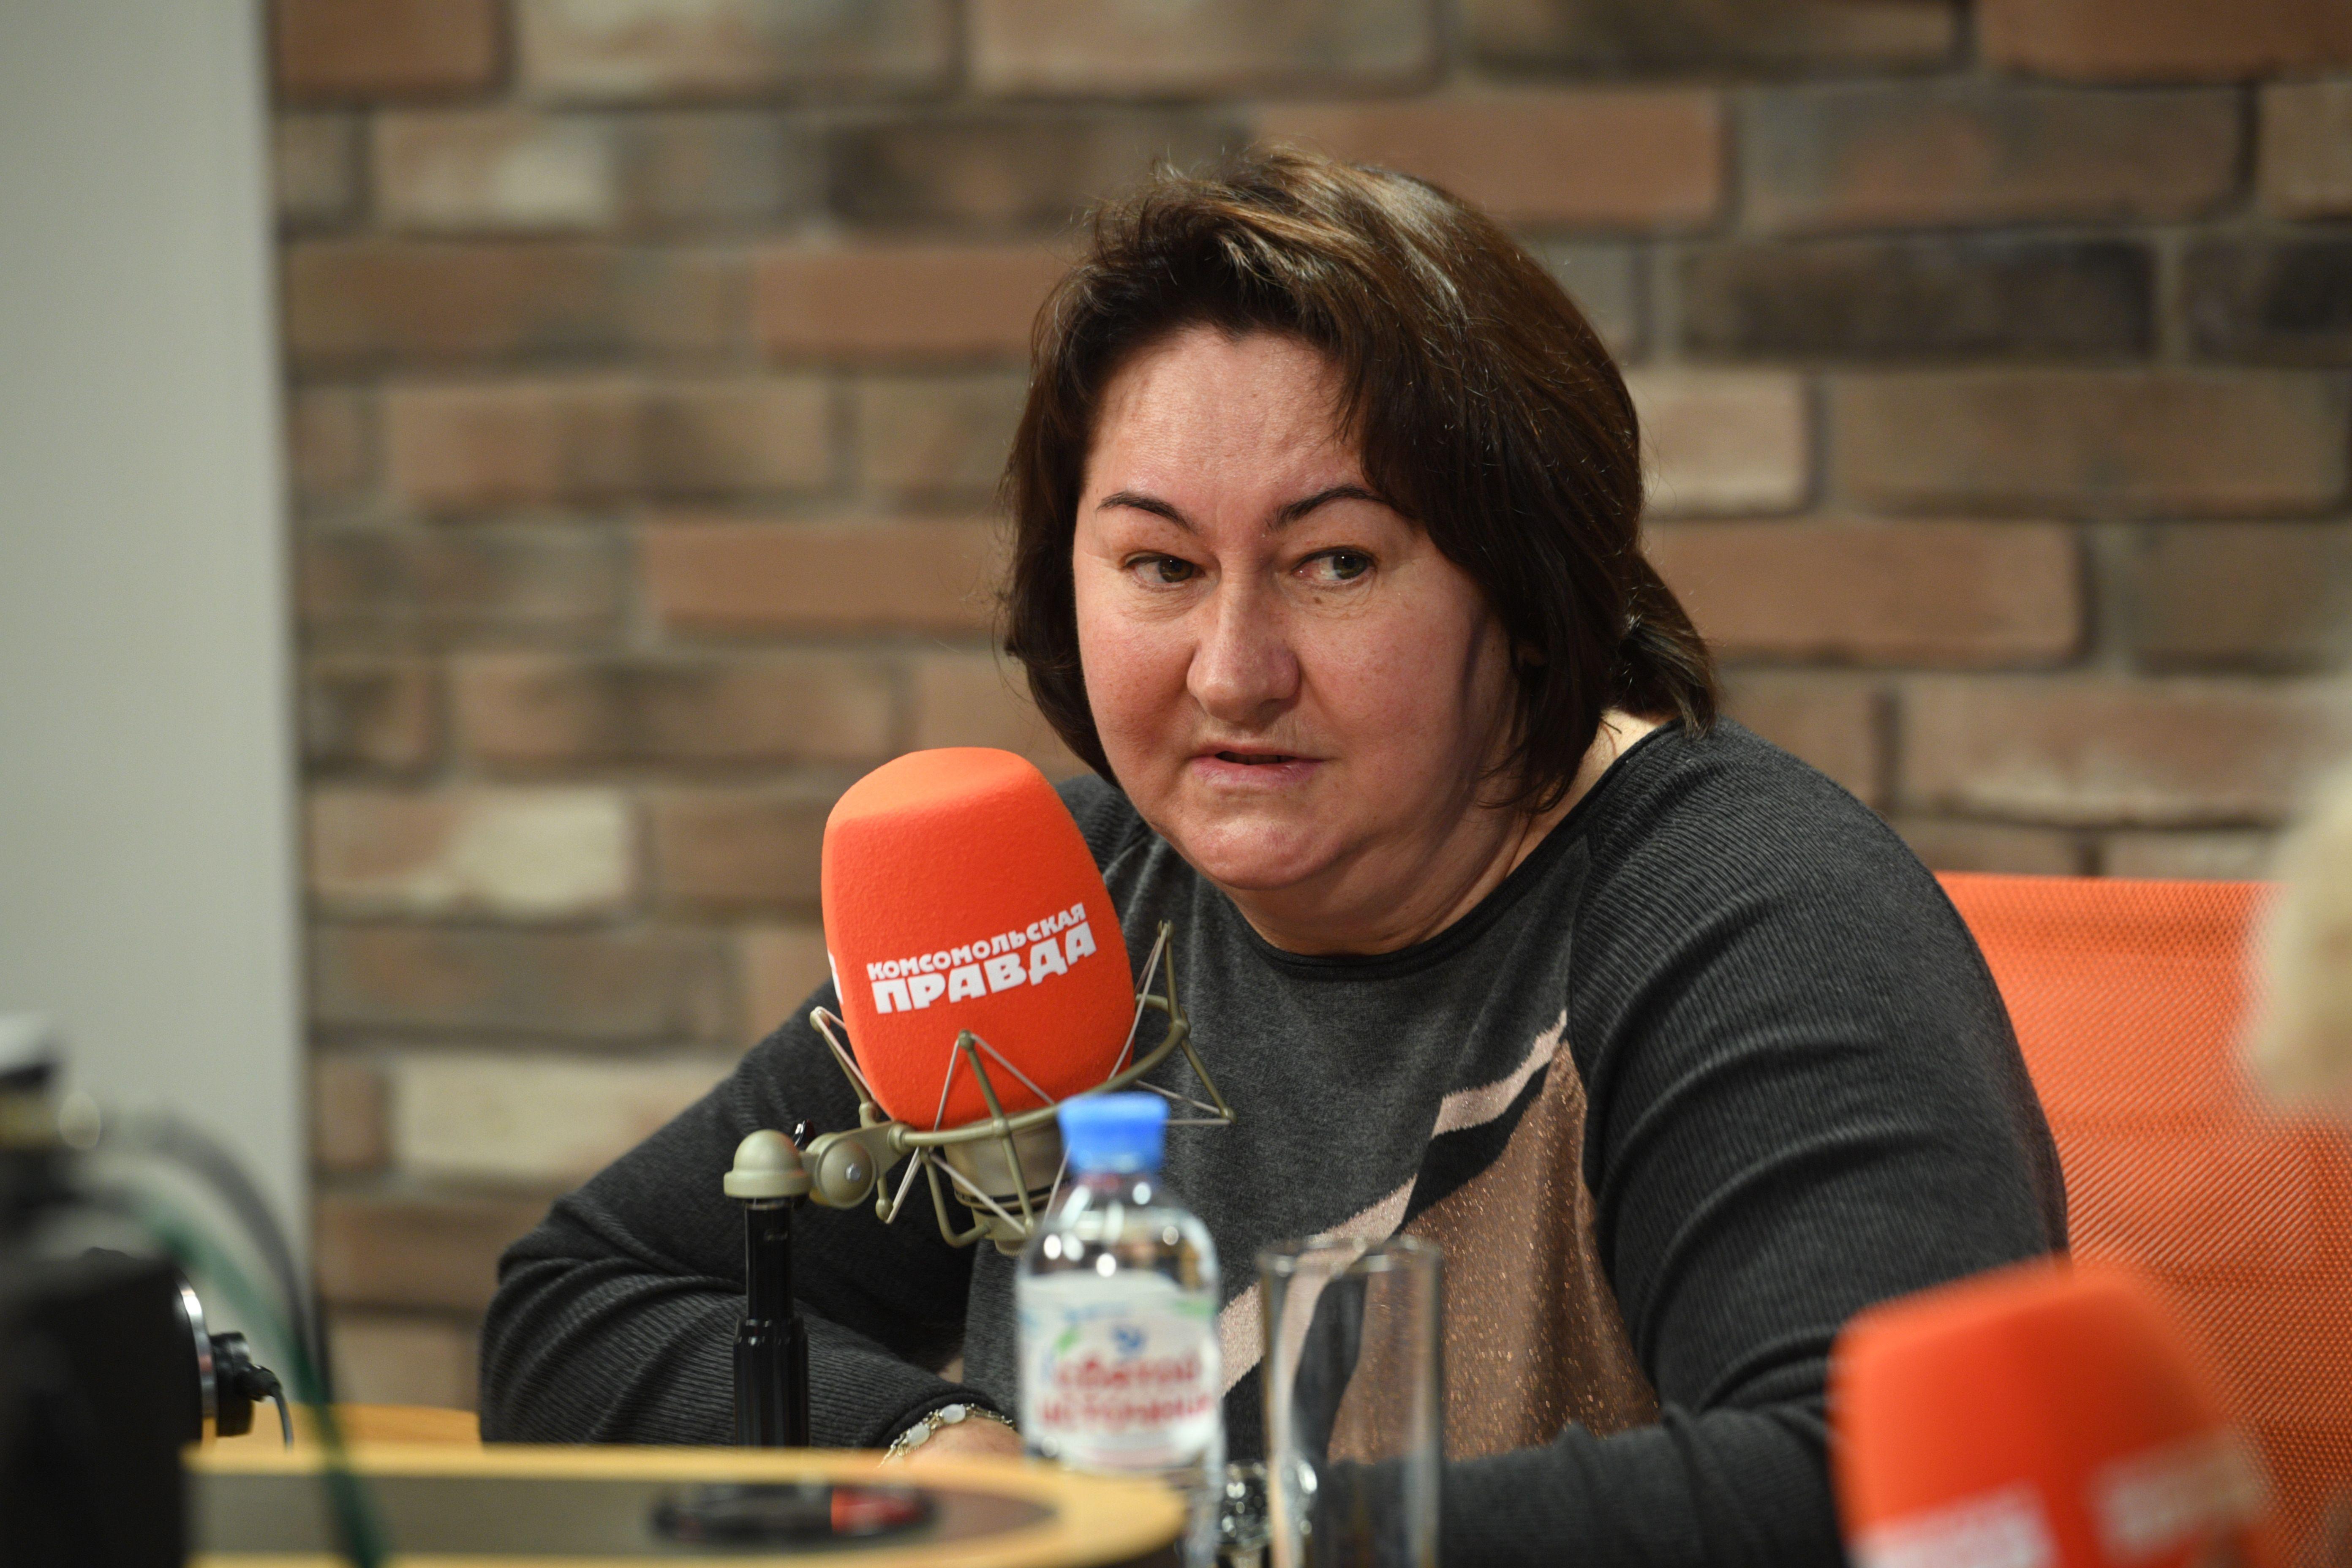 Вяльбе – о конфликте между лыжниками на ЧР: 'Спортсмены уже покаялись и извинились'